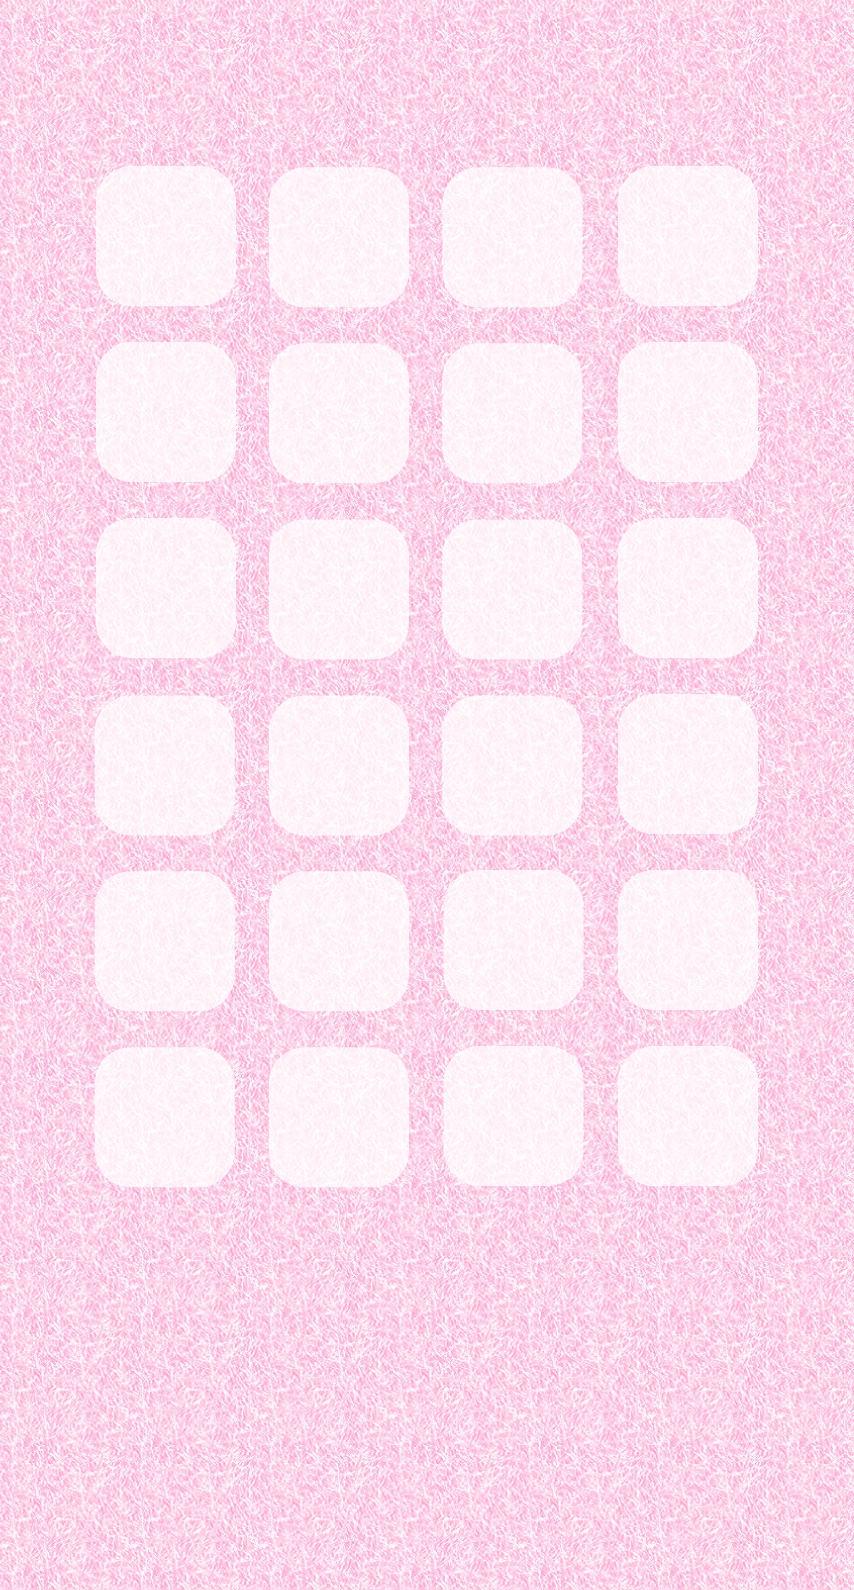 ライトピンク iPhone6壁紙